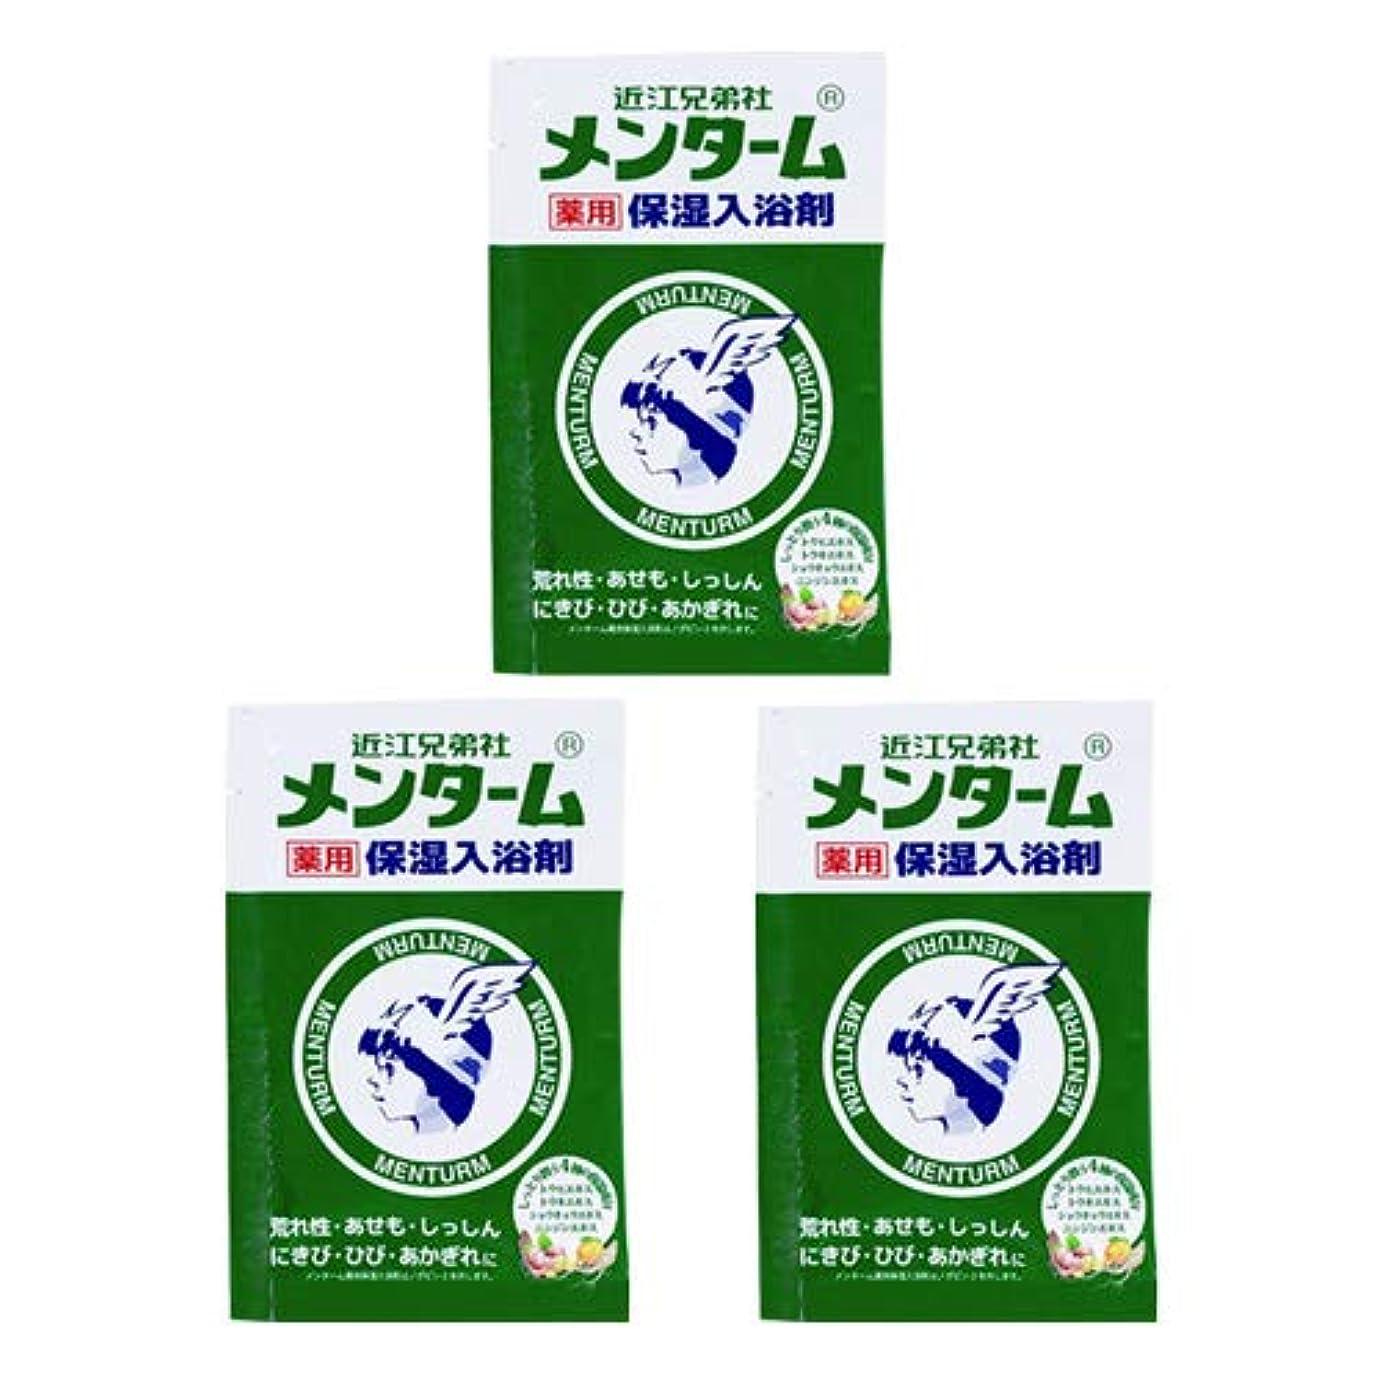 操作可能宣言サスペンション近江兄弟社 メンターム 薬用 保湿入浴剤 25g×3個セット